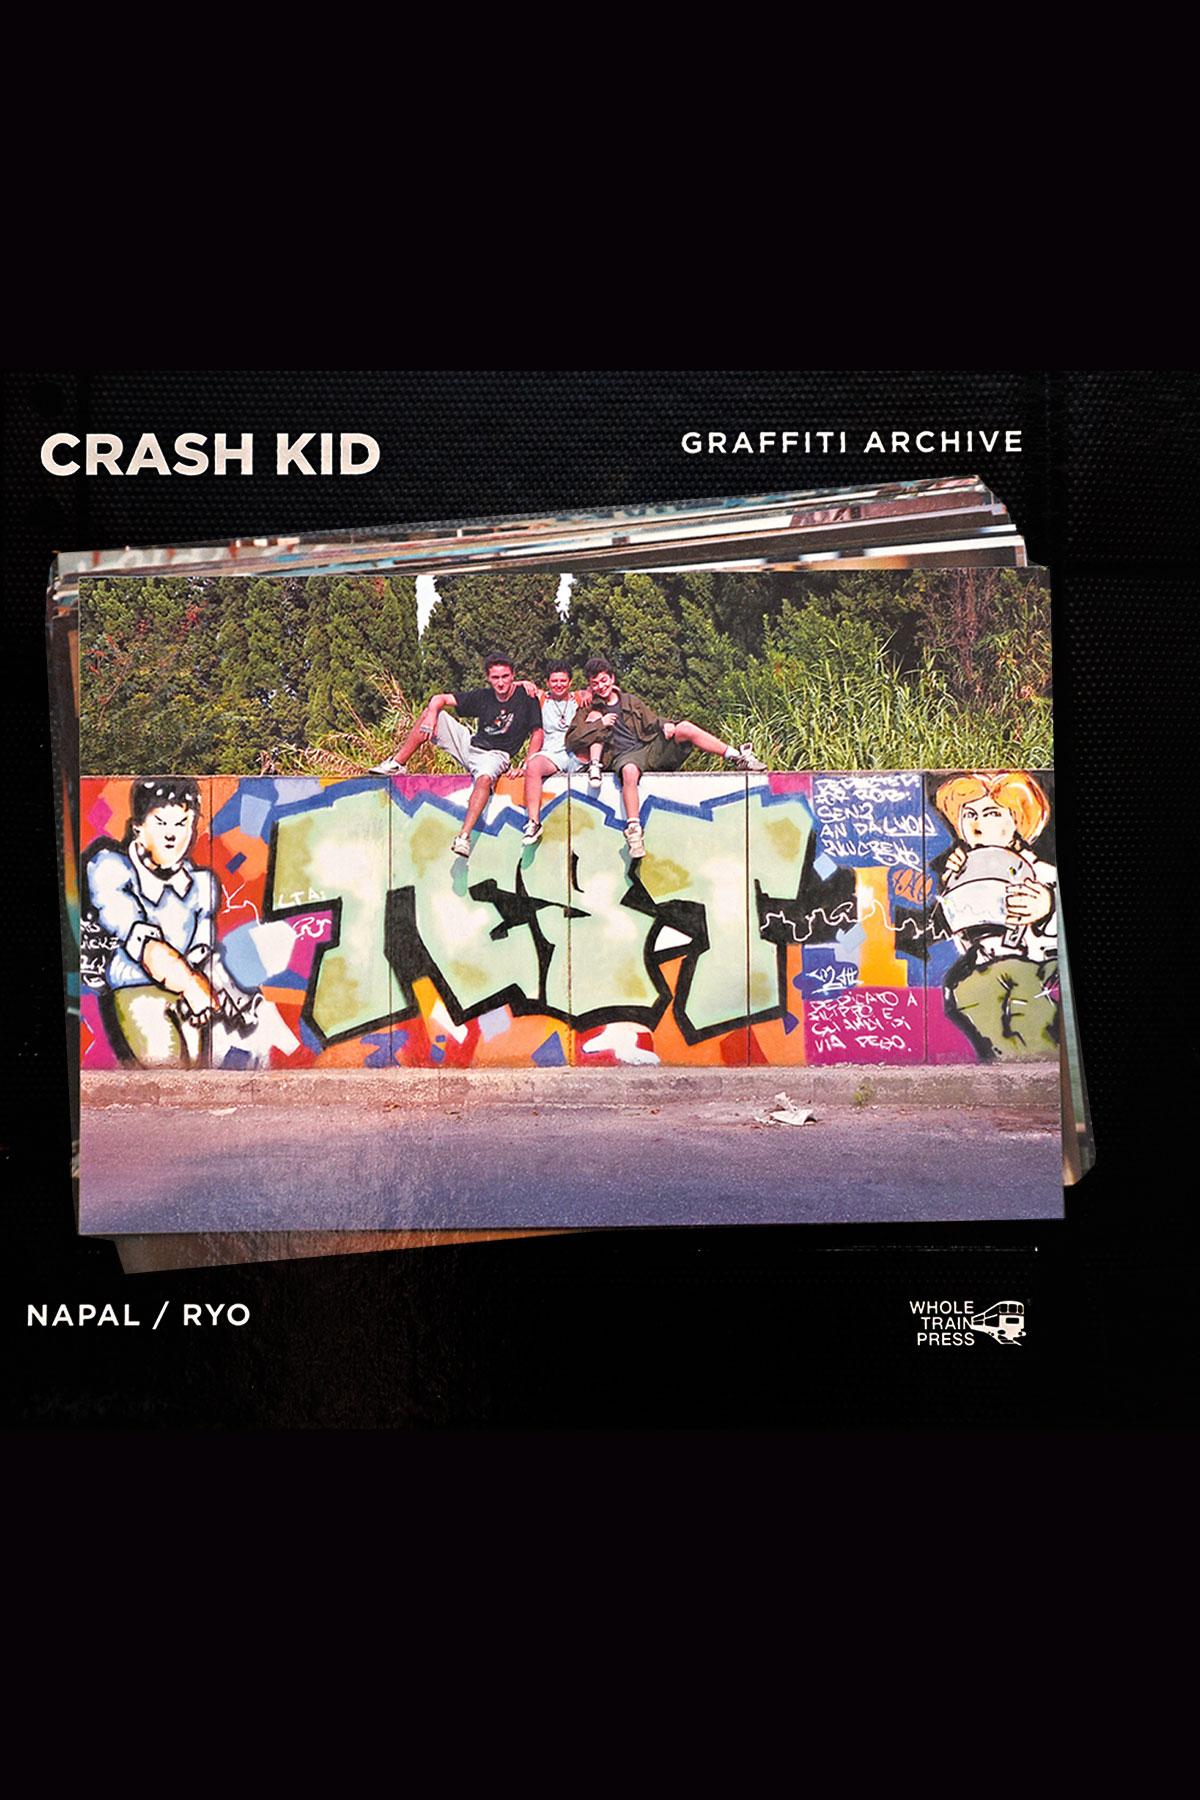 CRASH KID - GRAFFITI ARCHIVE di Wholetrain Press